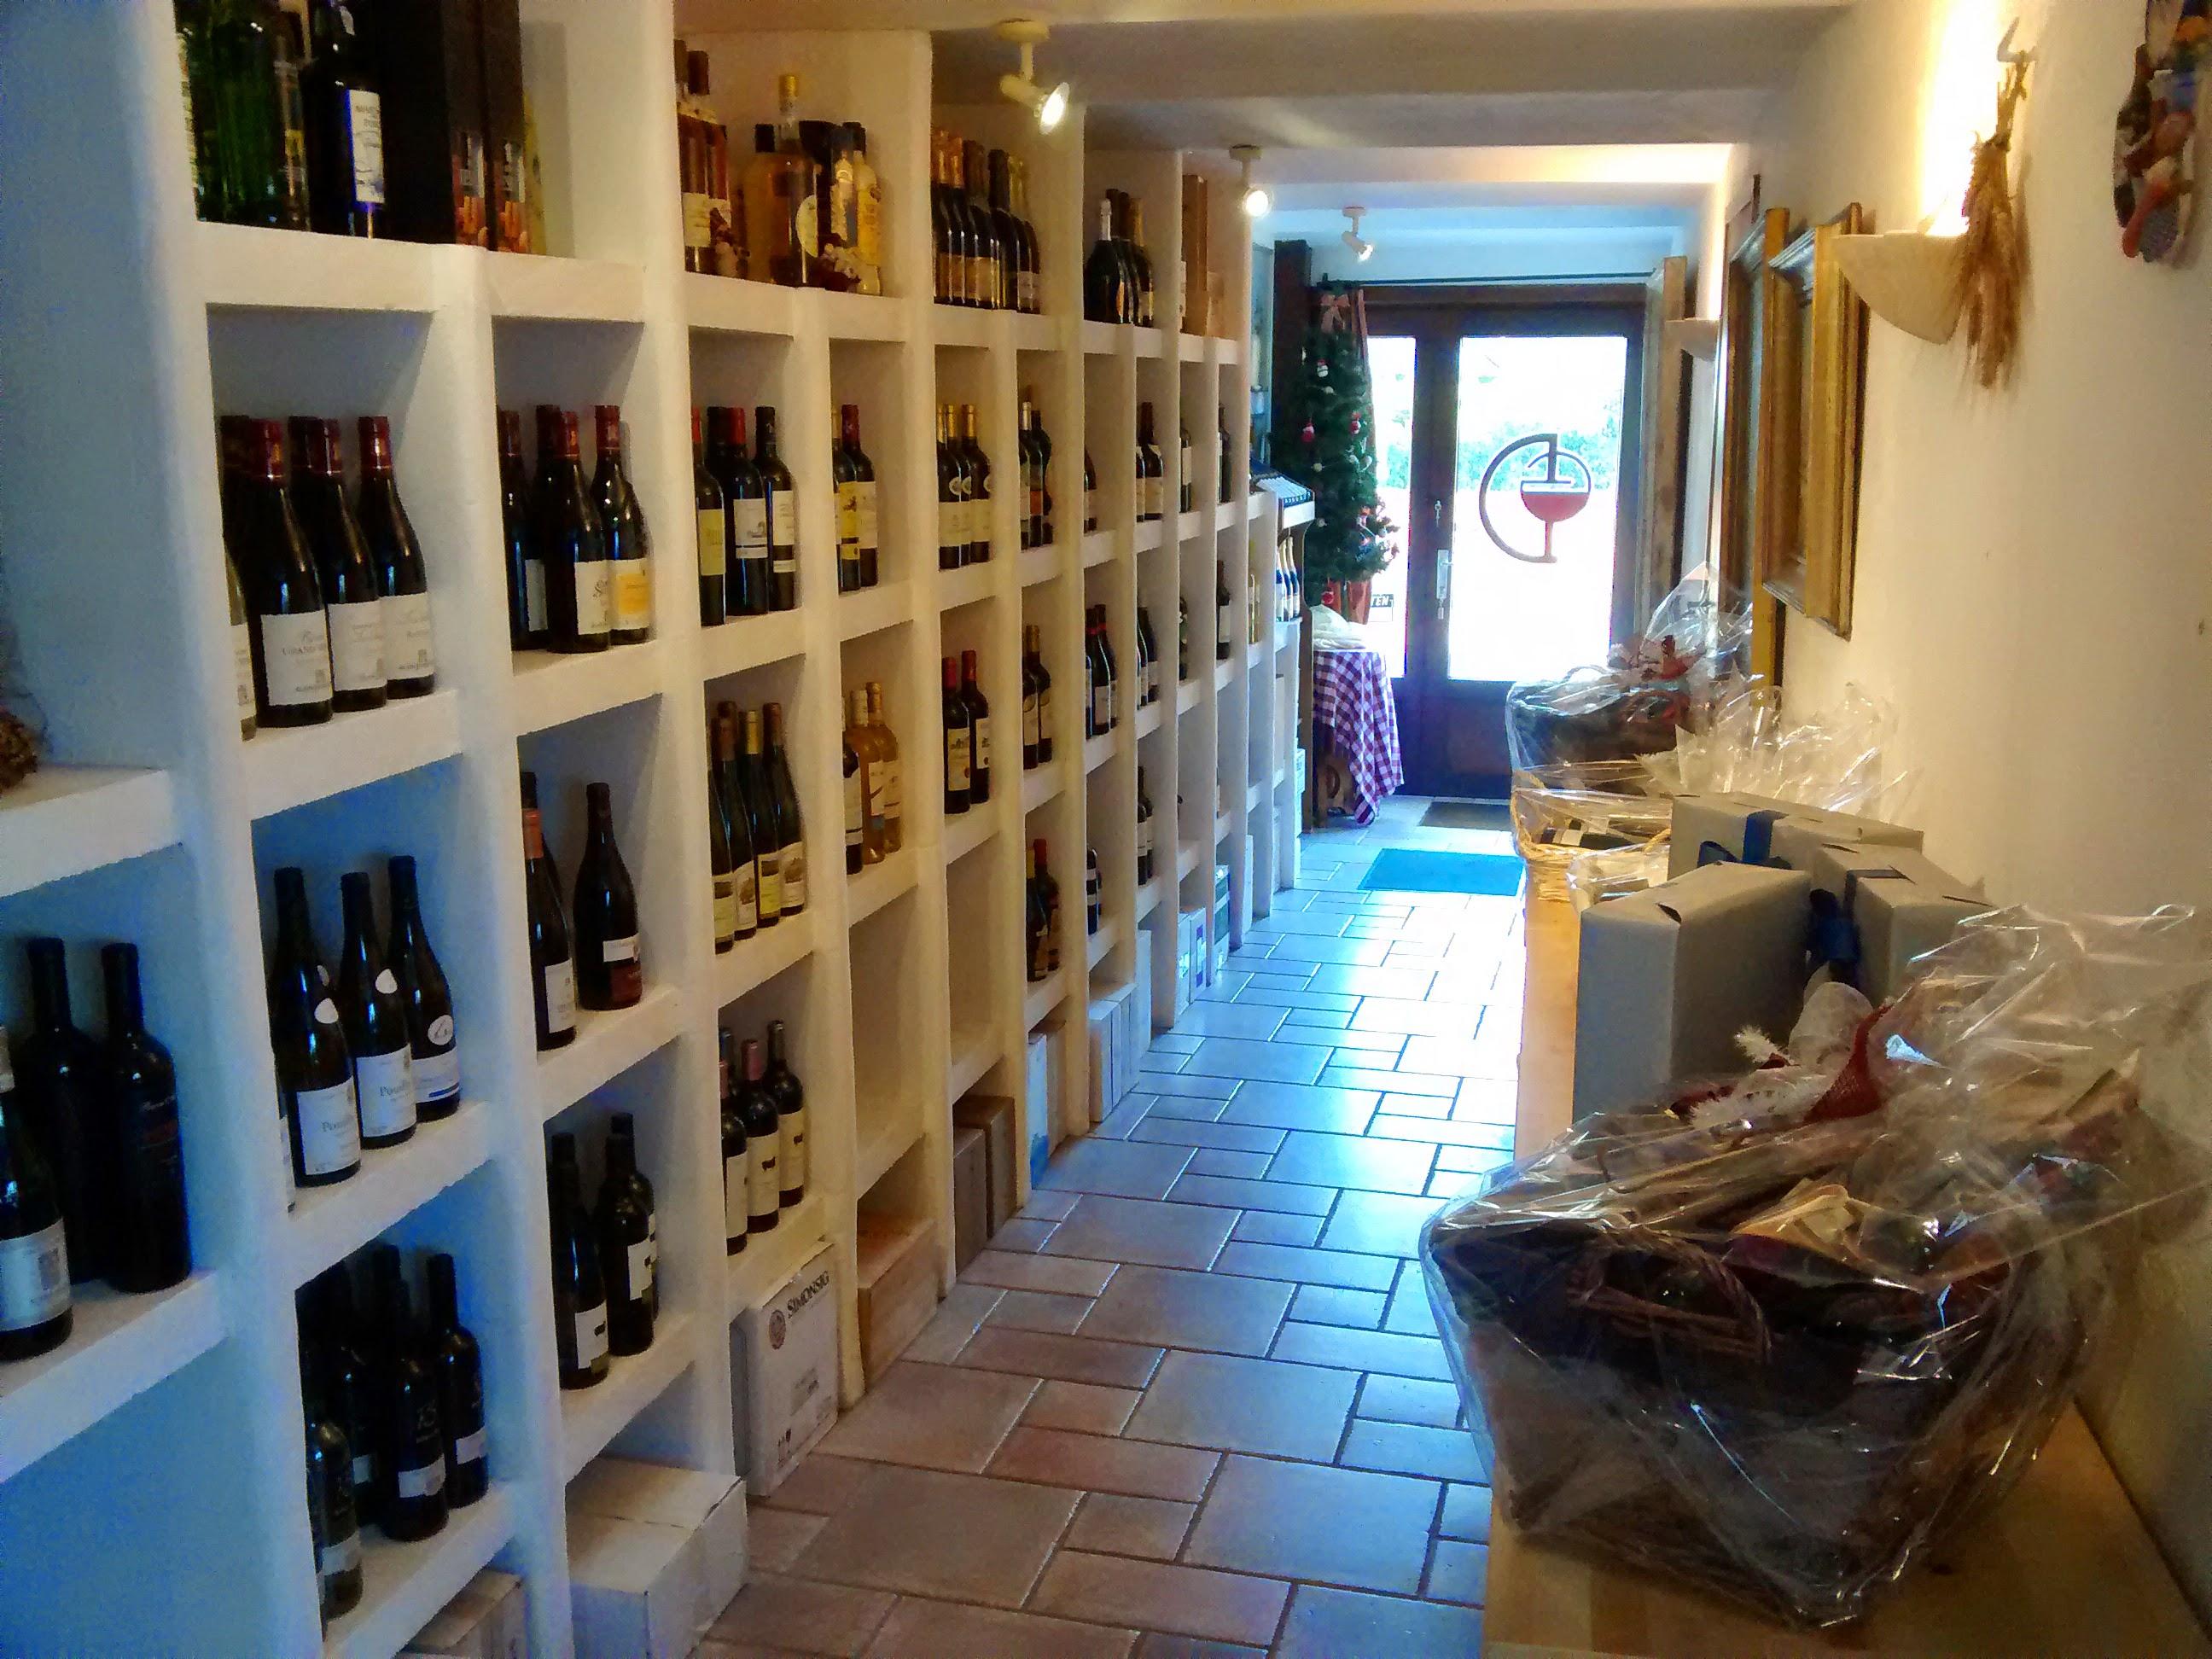 http://www.wijnendeprez.be/wp-content/uploads/2014/12/IMG_20141214_111953886.jpg